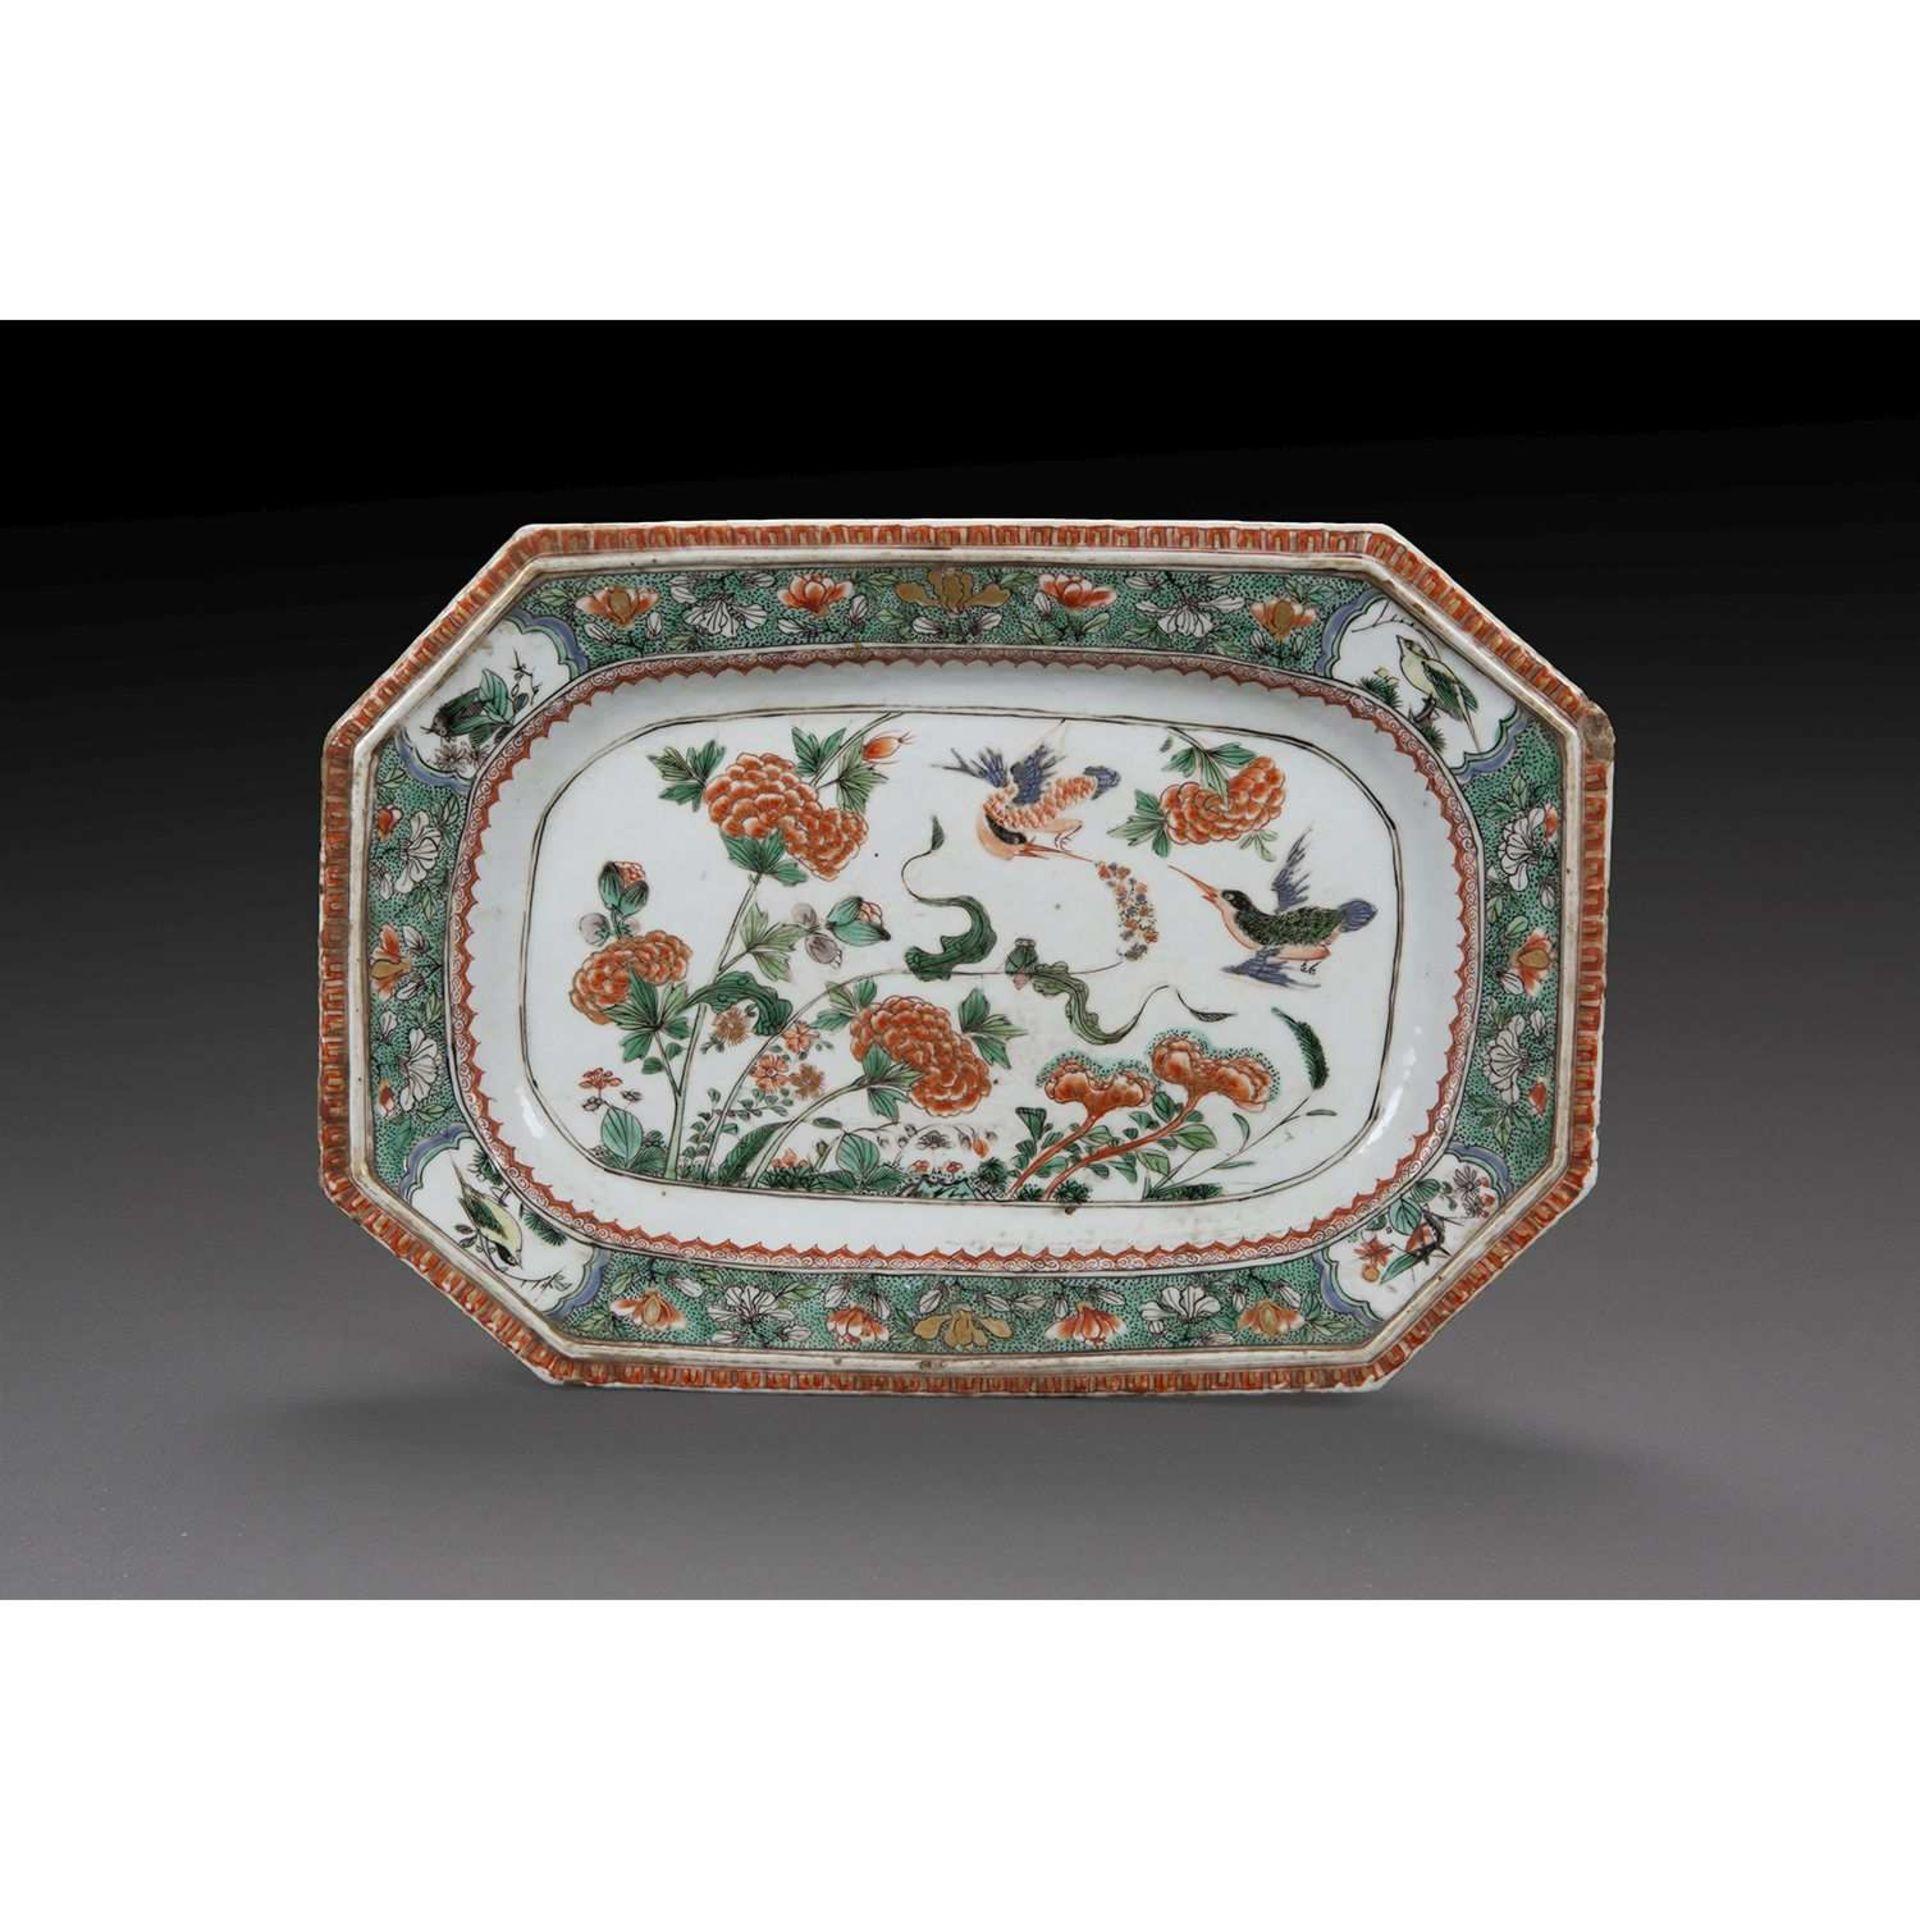 PLAT RECTANGULAIRE OCTOGONAL en porcelaine et émaux polychromes de la famille verte à décor d'